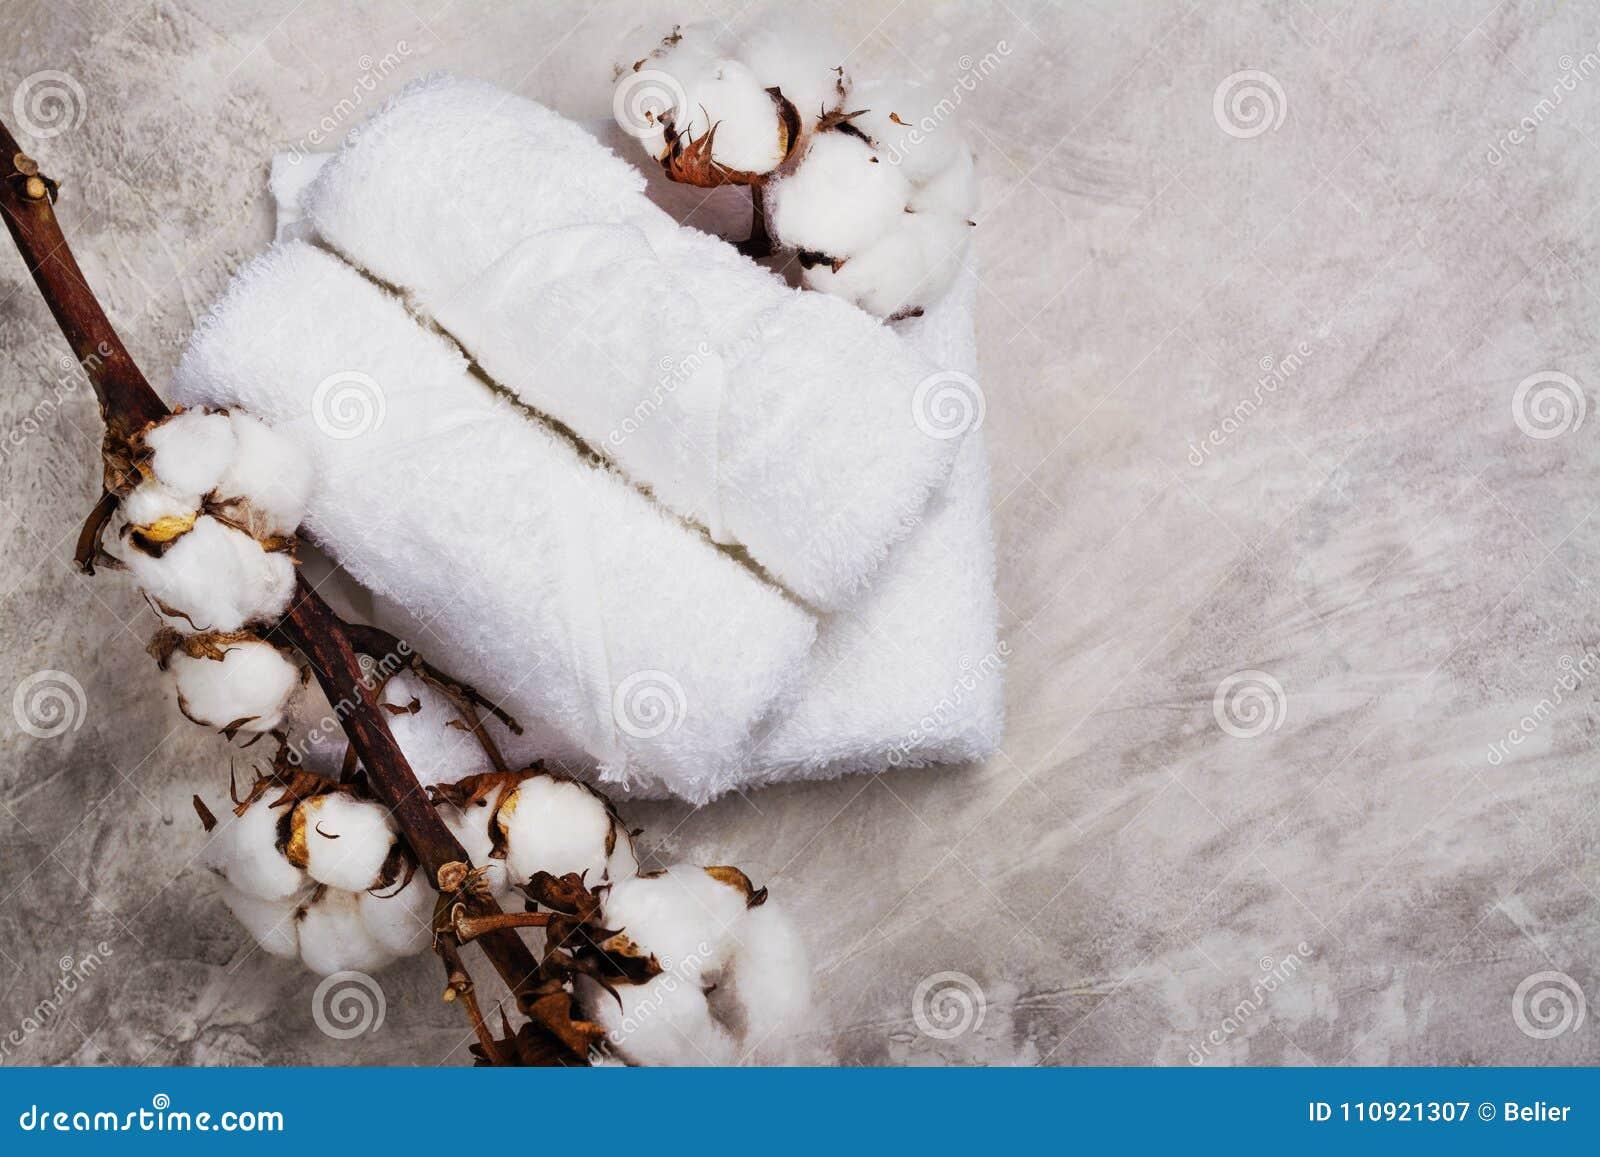 Branche Fleur De Coton pile de serviettes de coton, branche avec des fleurs de